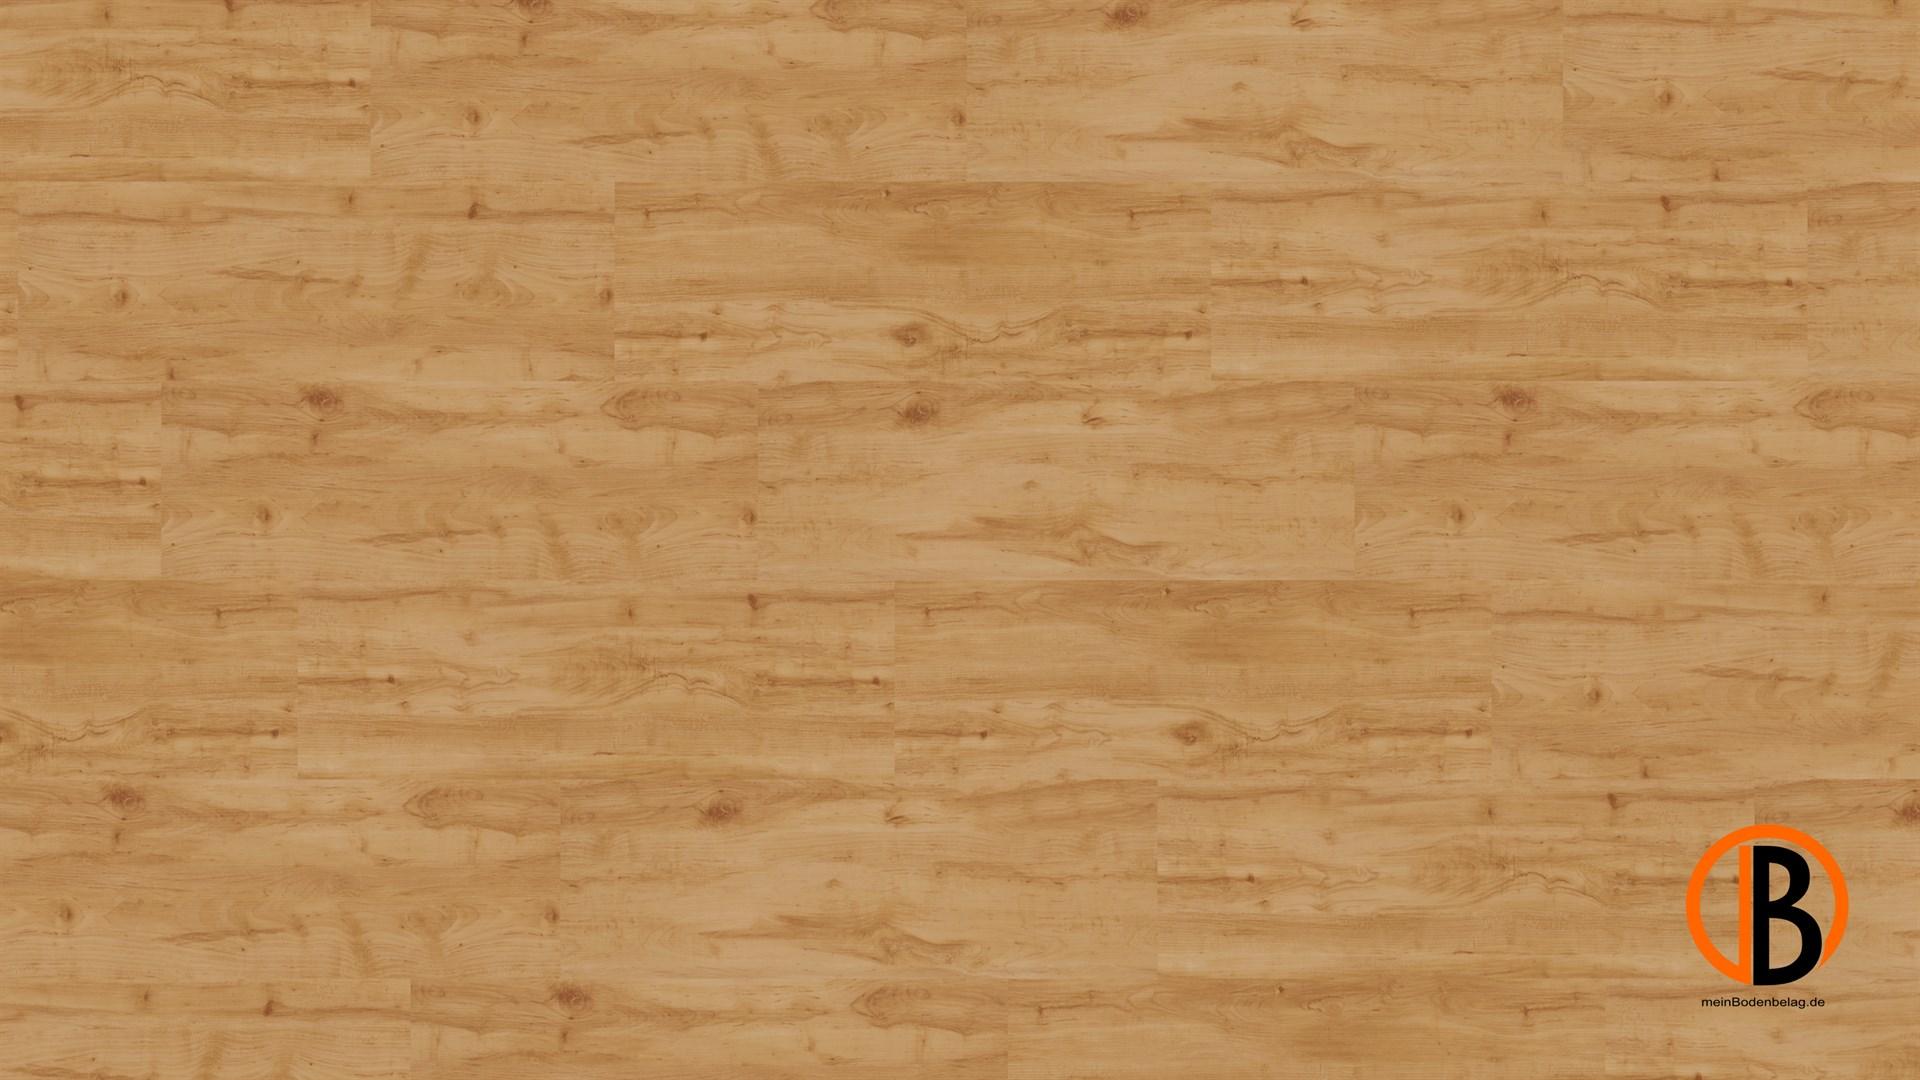 CINQUE KWG KORK-DESIGNBODEN SAMOA HDF | 10000453;0 | Bild 1